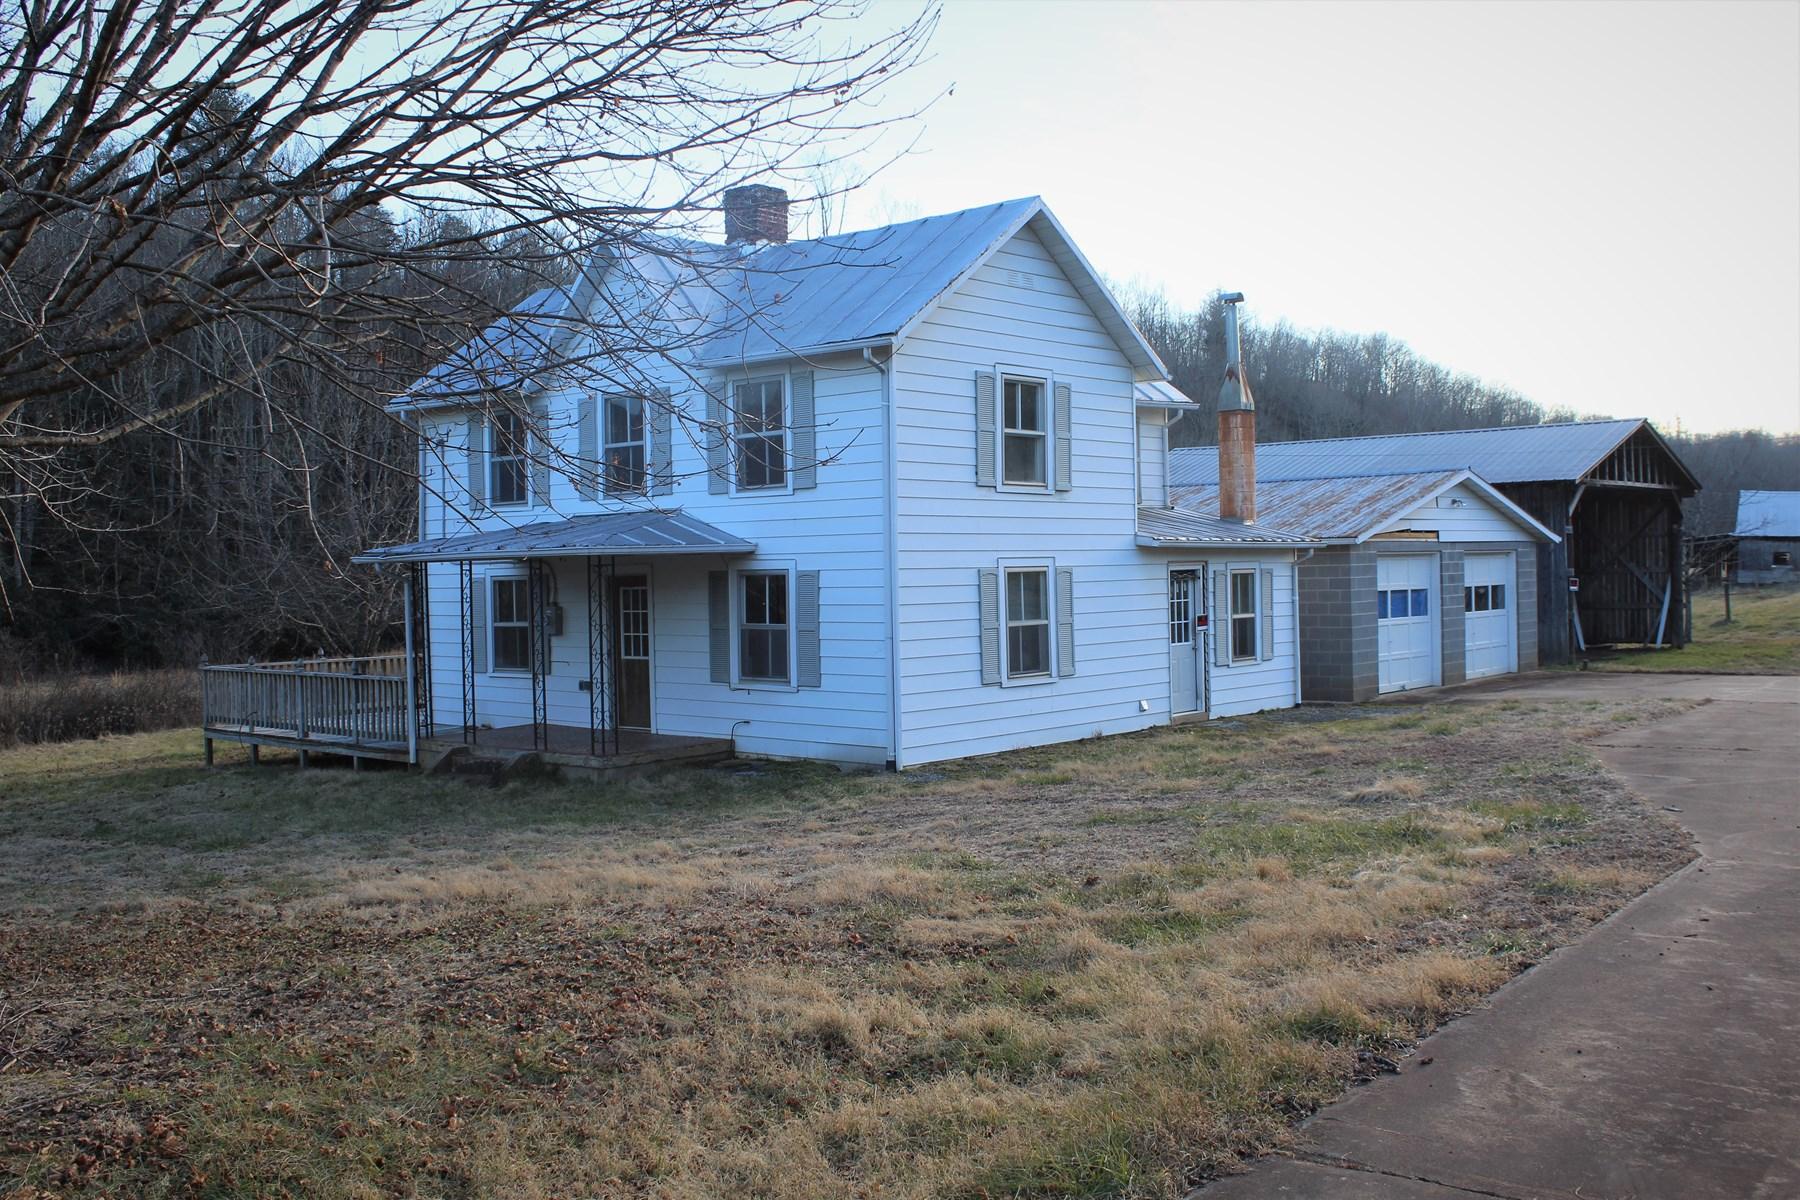 2 STORY FARM HOUSE (FIXER UPPER) PATRICK COUNTY, VA